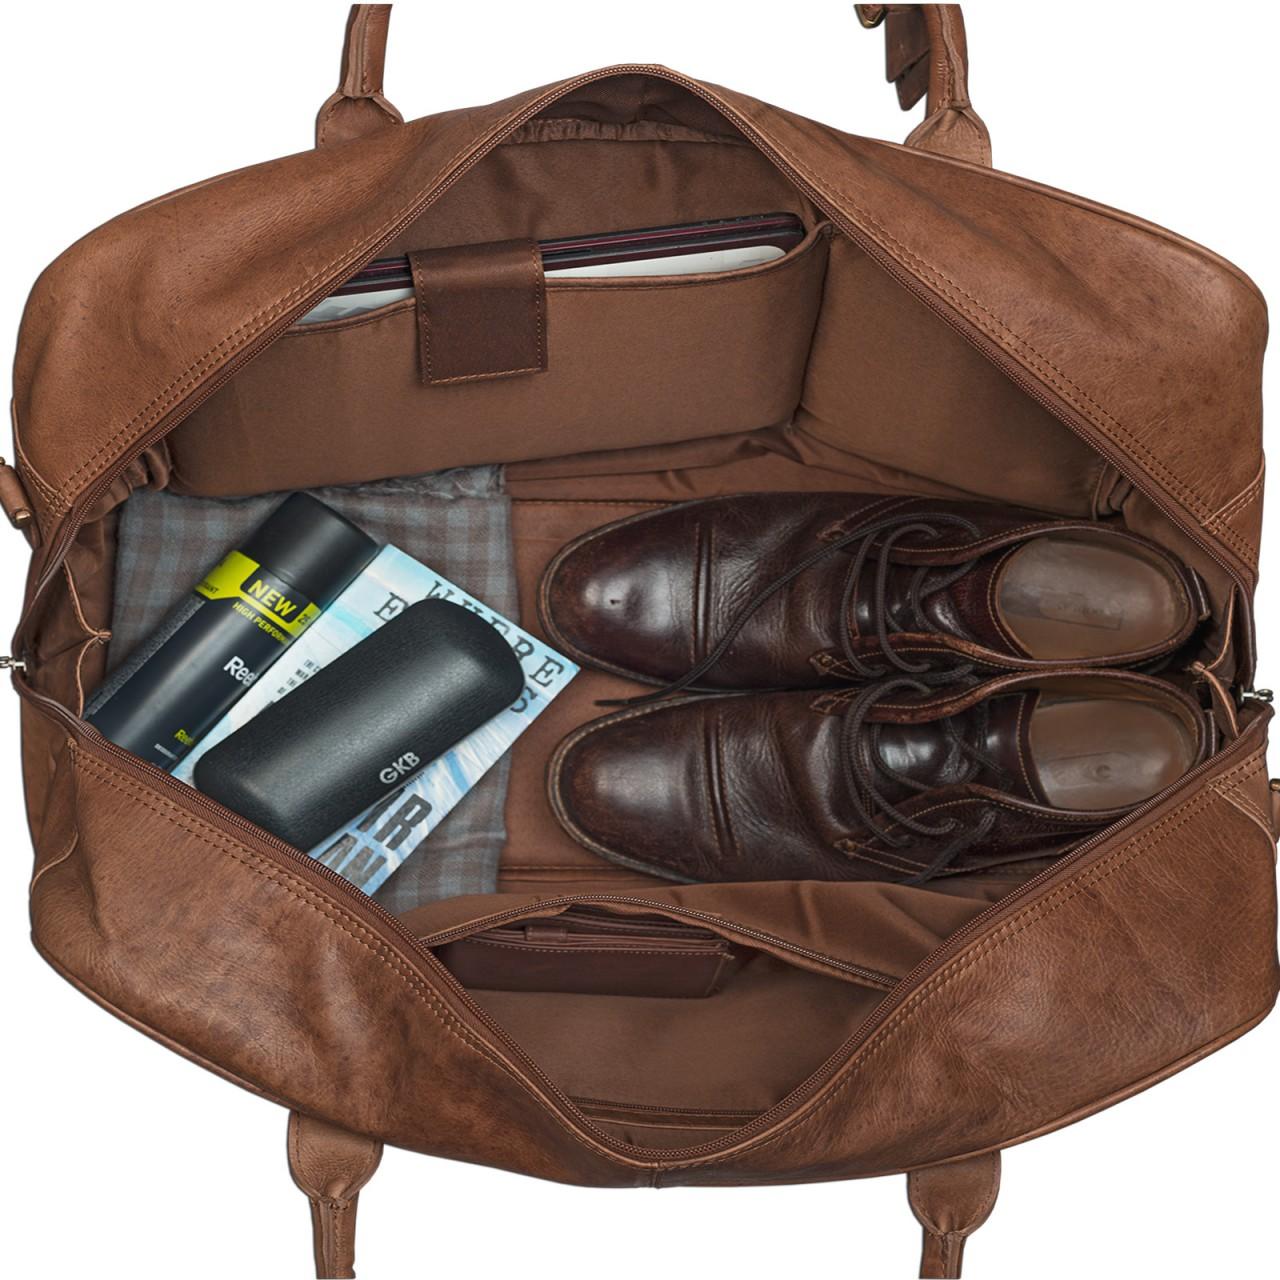 STILORD Reisetasche elegant und groß XXL Weekender Bag Sporttasche Freizeittasche Ledertasche echtes Büffel-Leder cognac braun - Bild 5